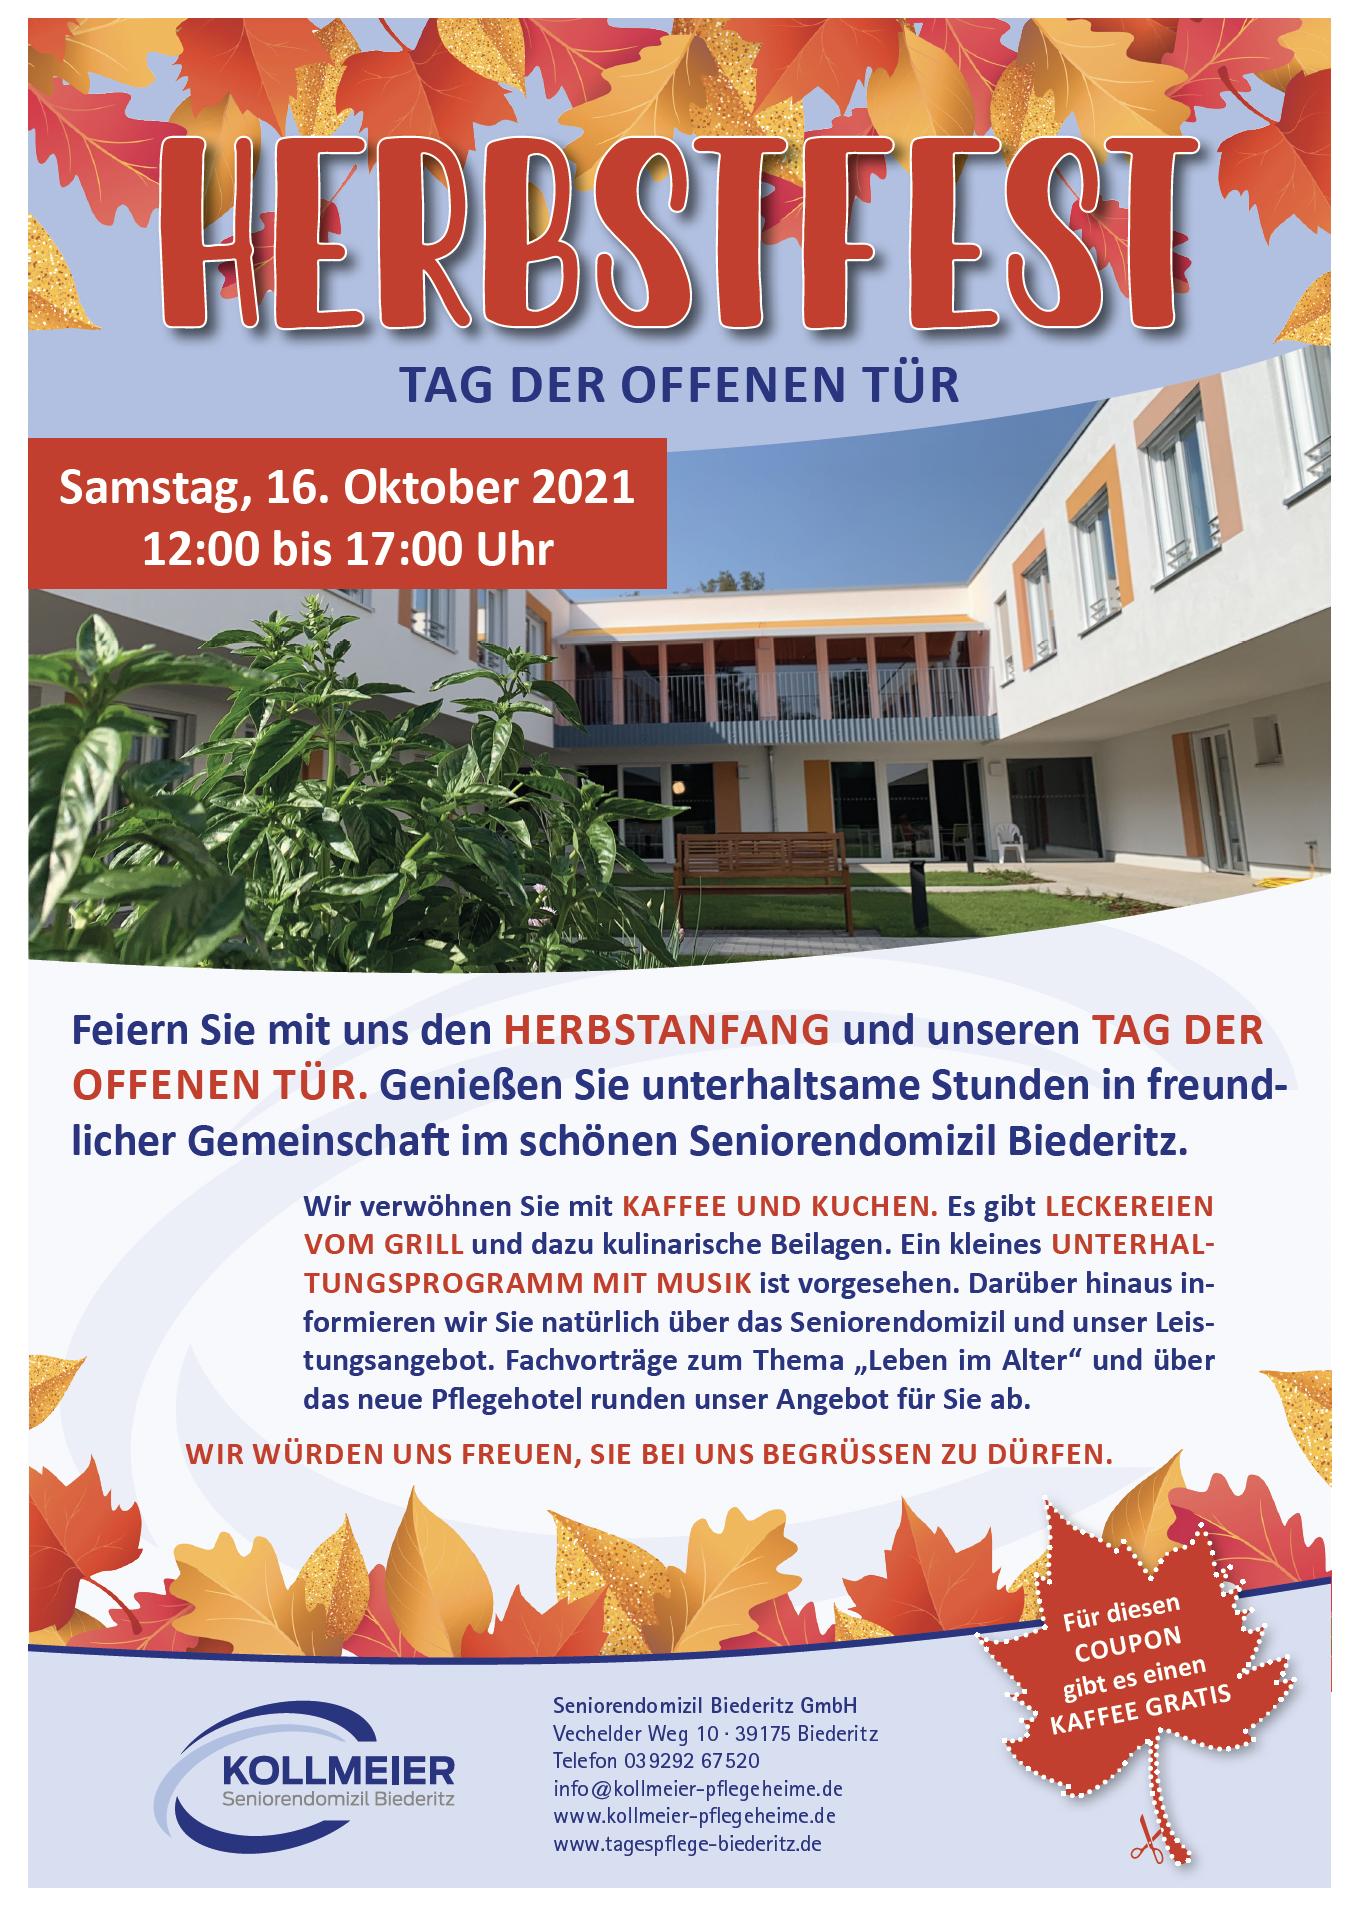 Herbstfest / Tag der offenen Tür